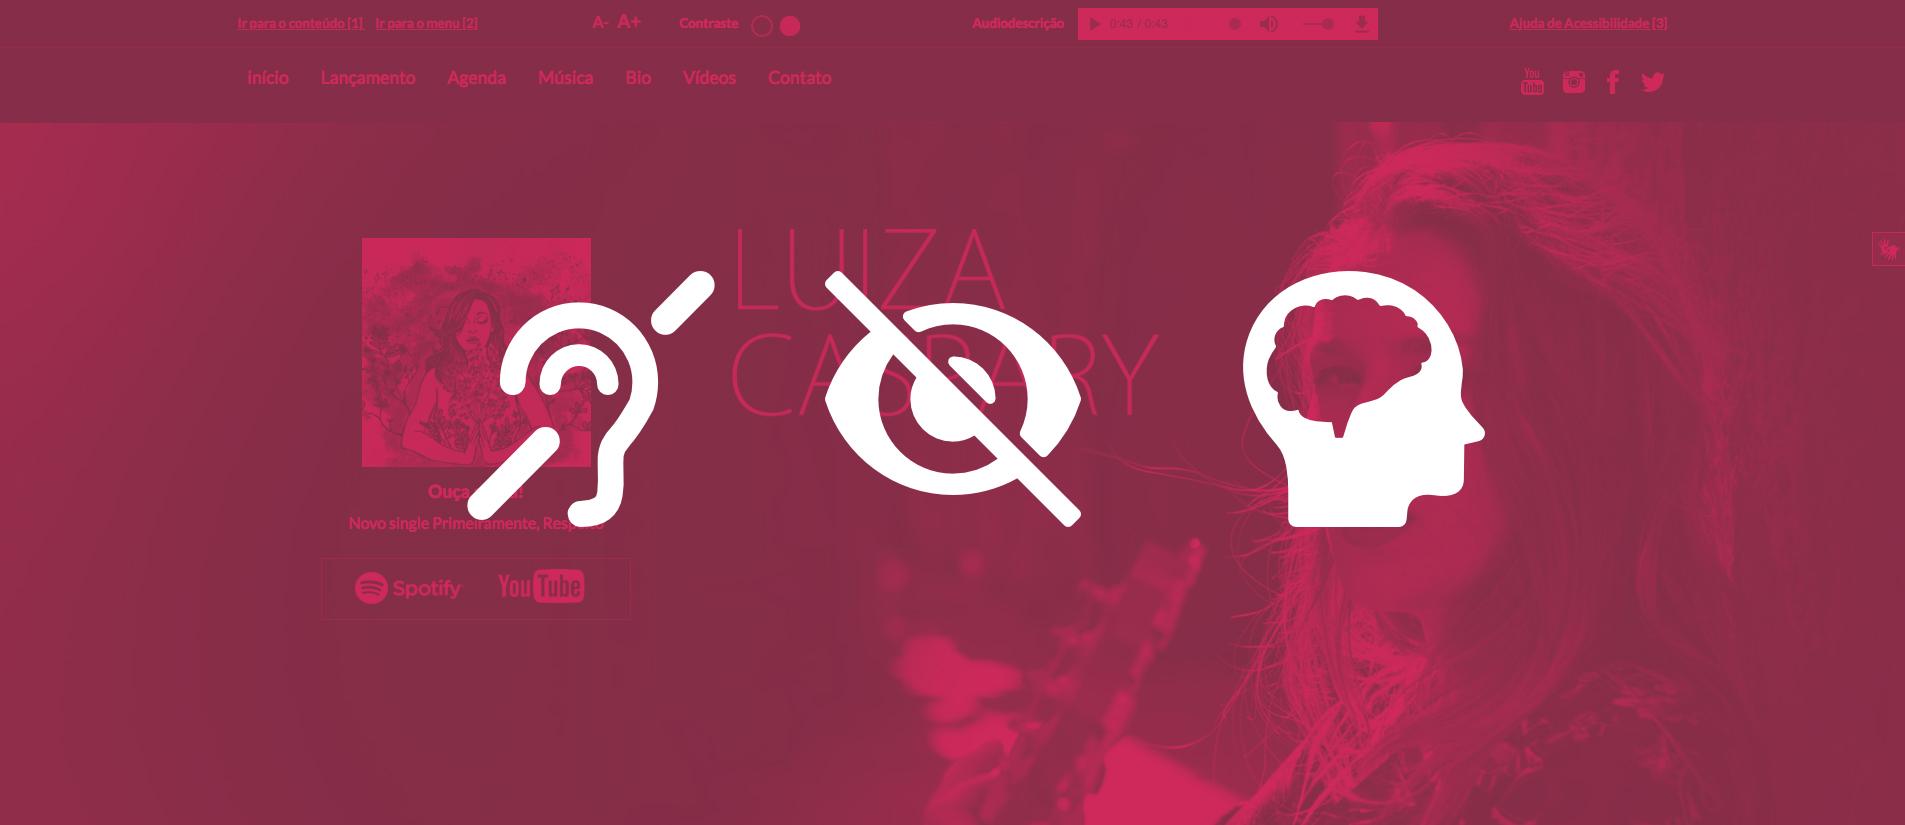 imagem com ícones na cor branca representando as deficiências visuais. auditivas e cognitivas contendo a primeira dobra do site como imagem de fundo em tom rosa